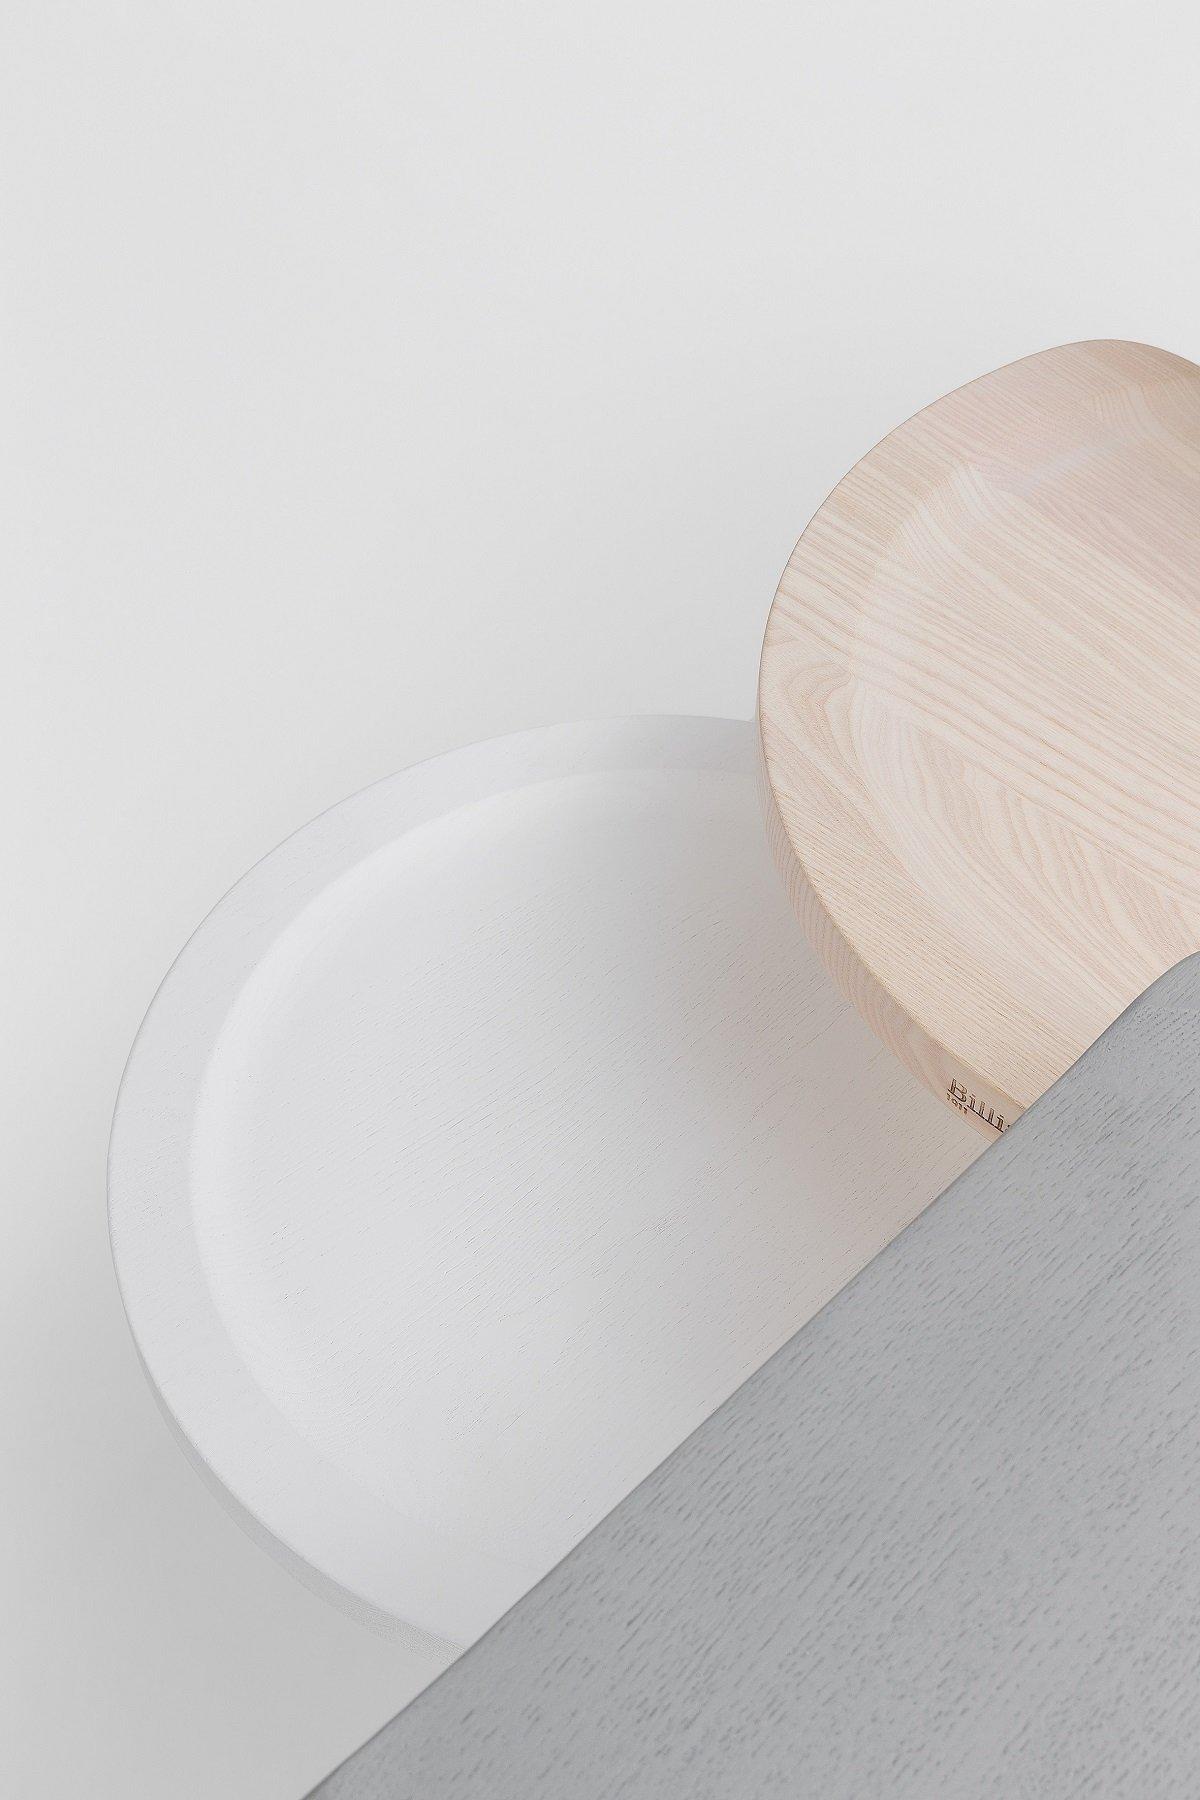 Puccio Stool from Billiani, designed by Emilio Nanni